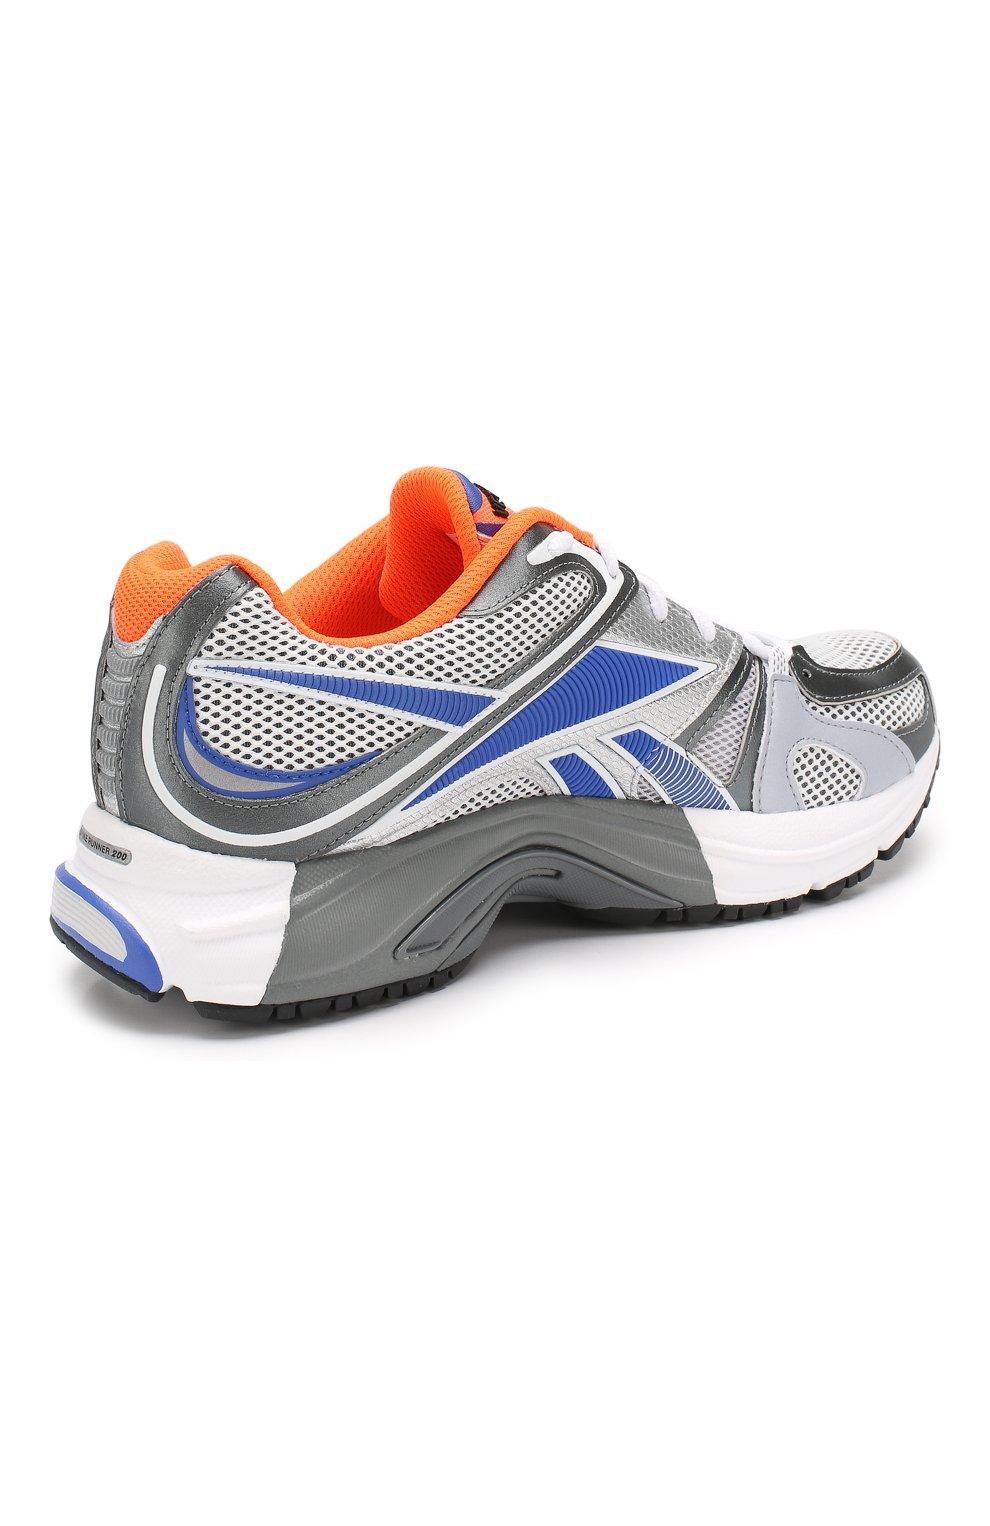 Текстильные кроссовки Vetements x Reebok Spike Runner 200 | Фото №4